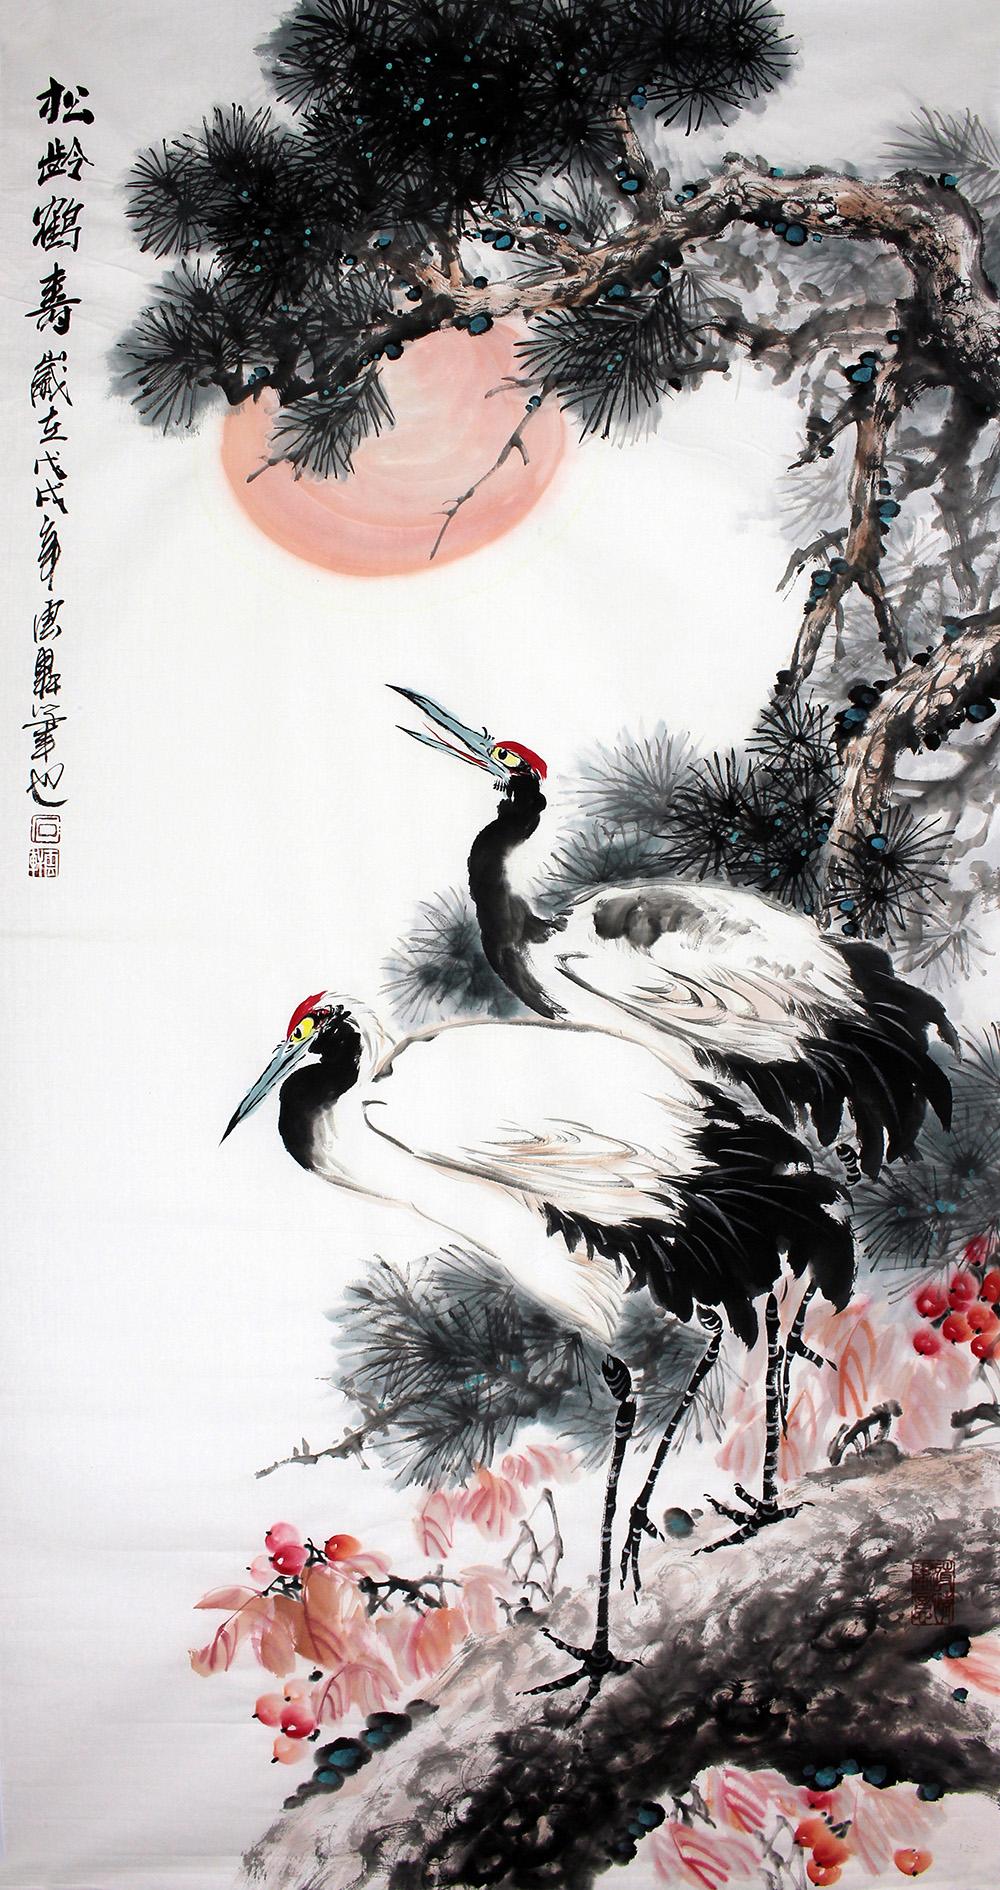 石云轩 国画写意花鸟画 四尺竖幅 松龄鹤寿 松树仙鹤12 2图片